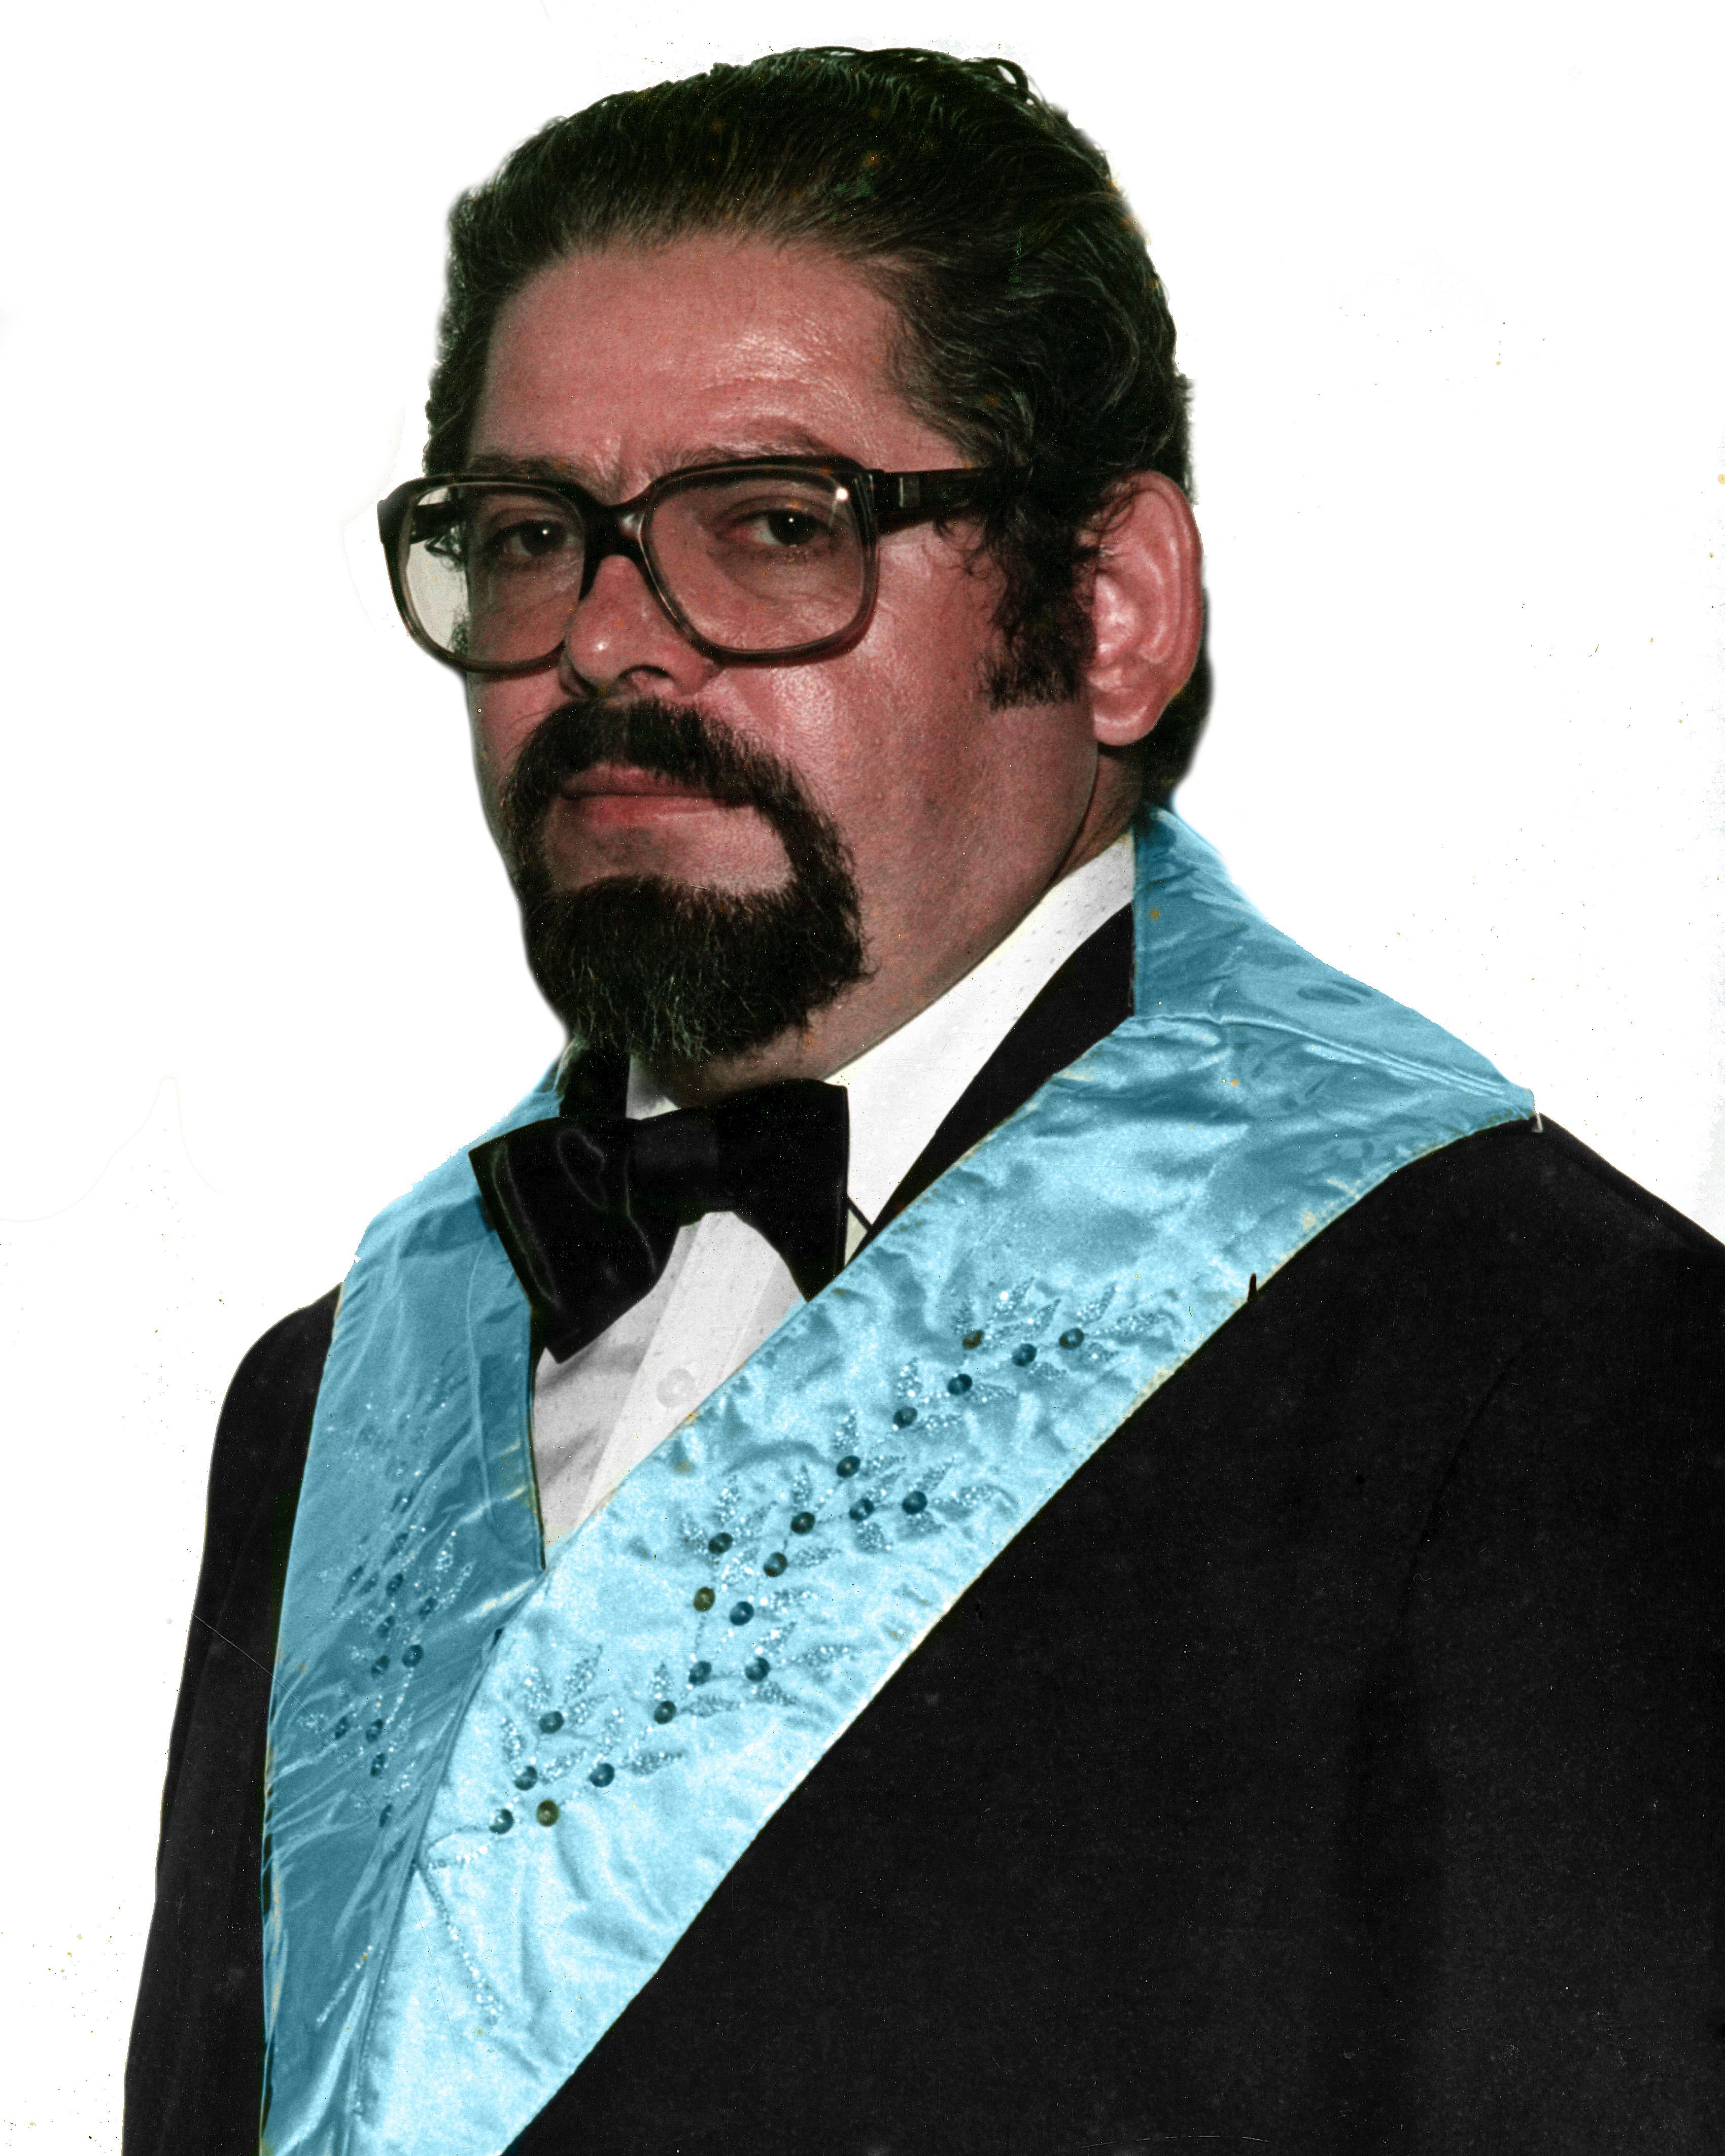 02 - 09 - Delta _ Getulio Nicolau Santore - Fundador - 1988-1989